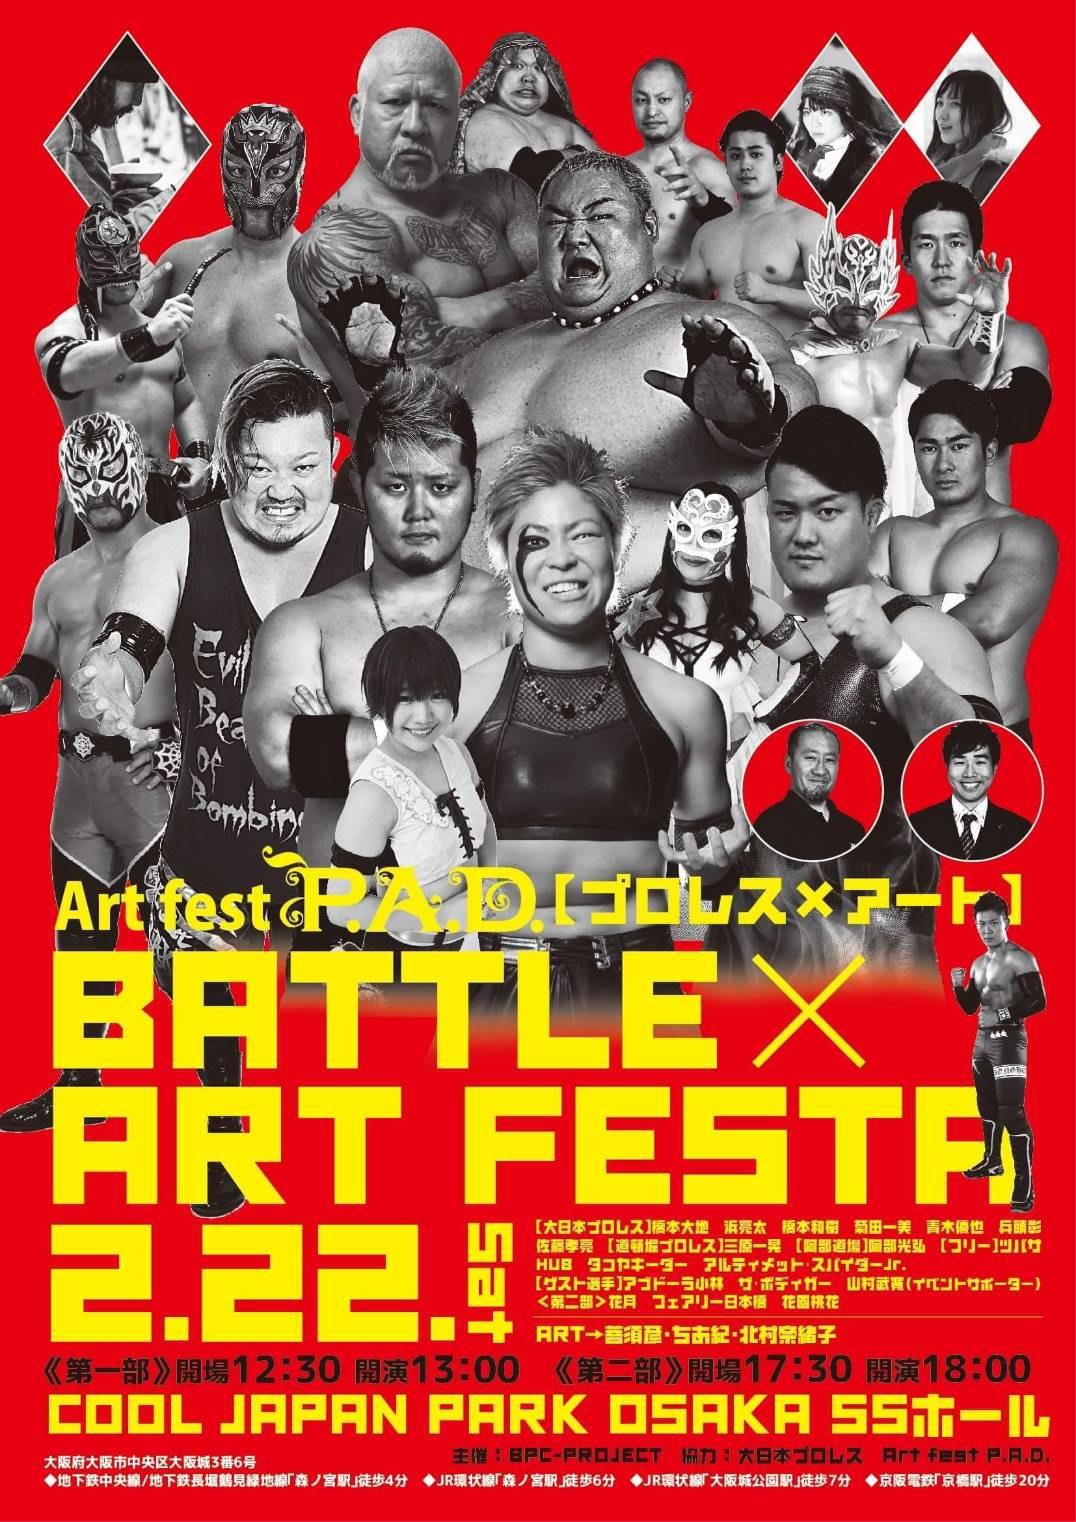 プロレスとアートのコラボイベントを昼夜で開催決定!「BATTLE×ART FESTA」クール ジャパンパーク大阪SSホールイベント